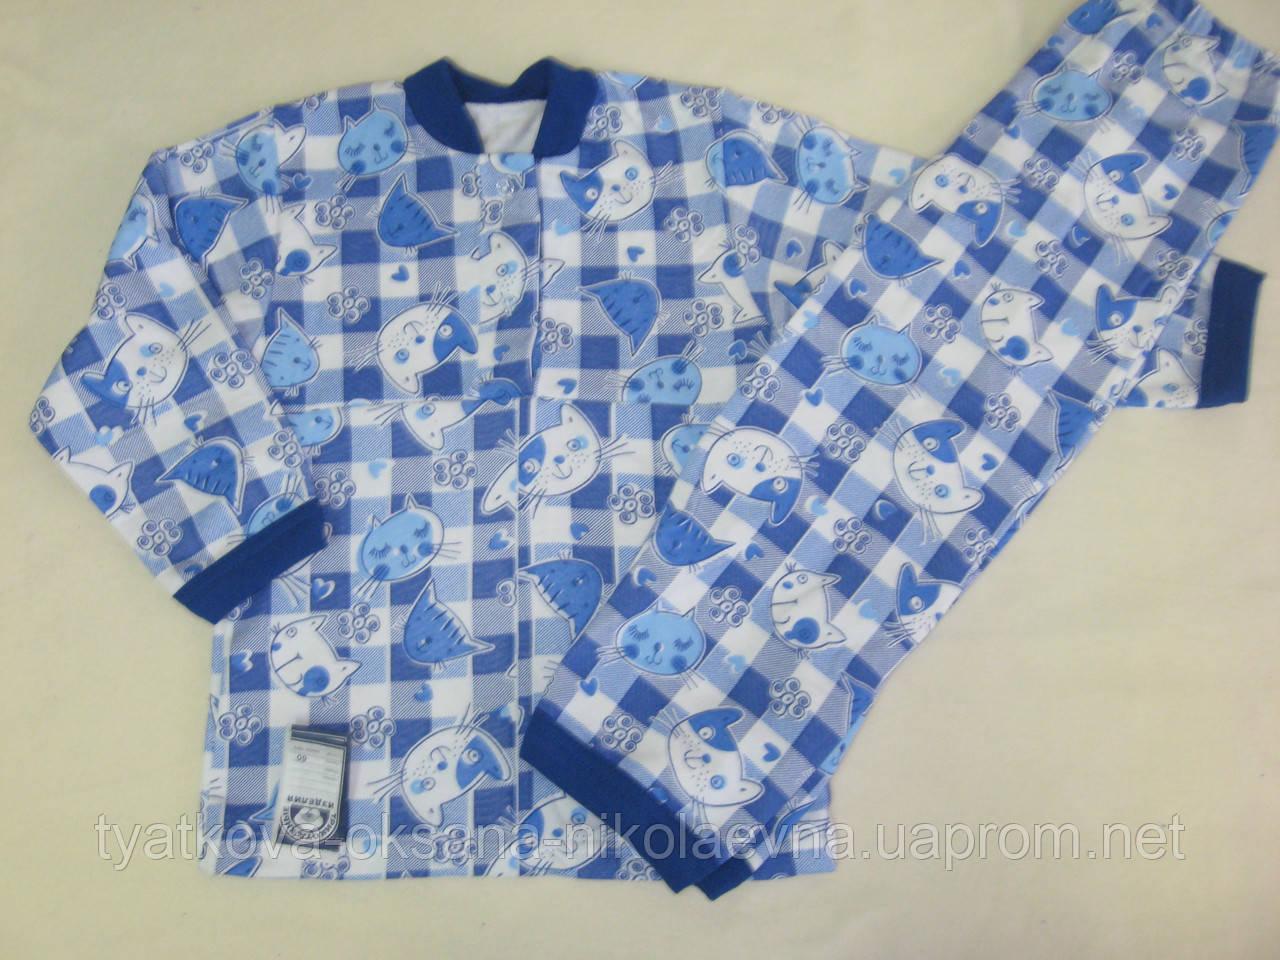 Детские пижамы недорого и в ассортименте 6e1f7cda0f56c